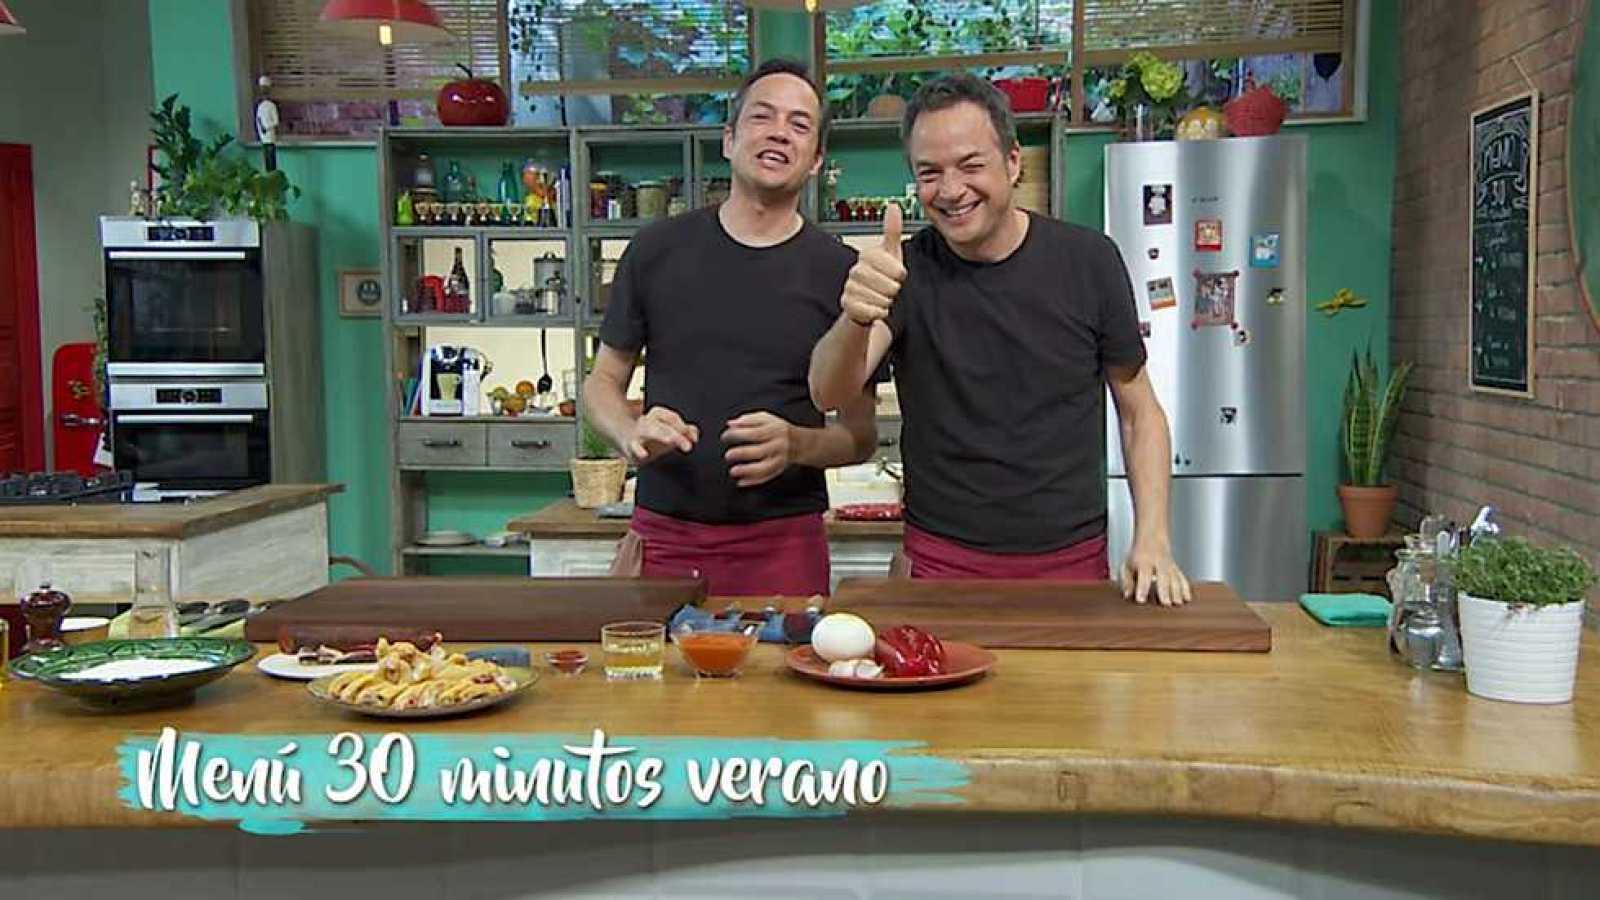 Torres en la cocina - Menú de 30 minutos de verano - RTVE.es